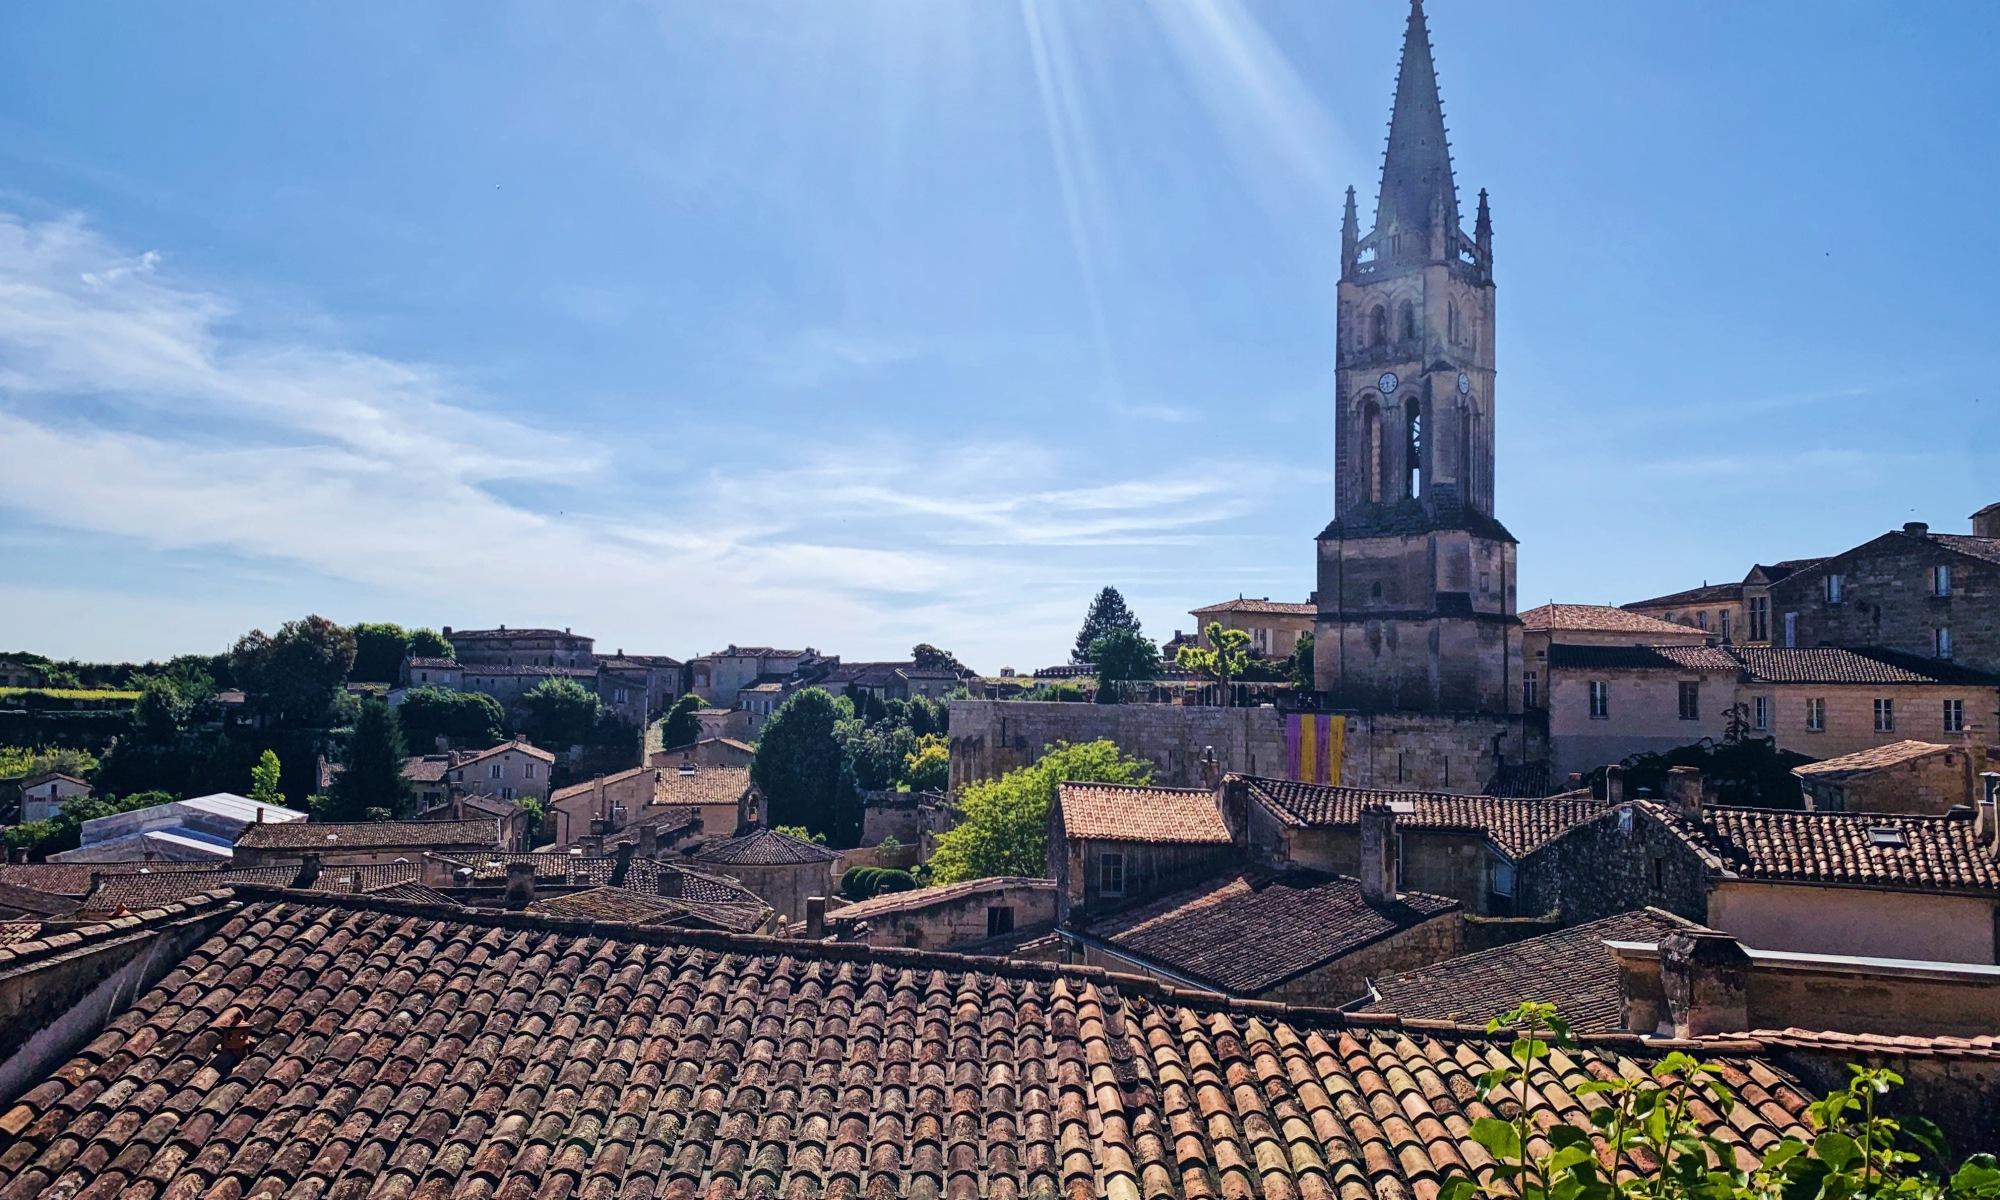 Day Trip to Saint-Émilion